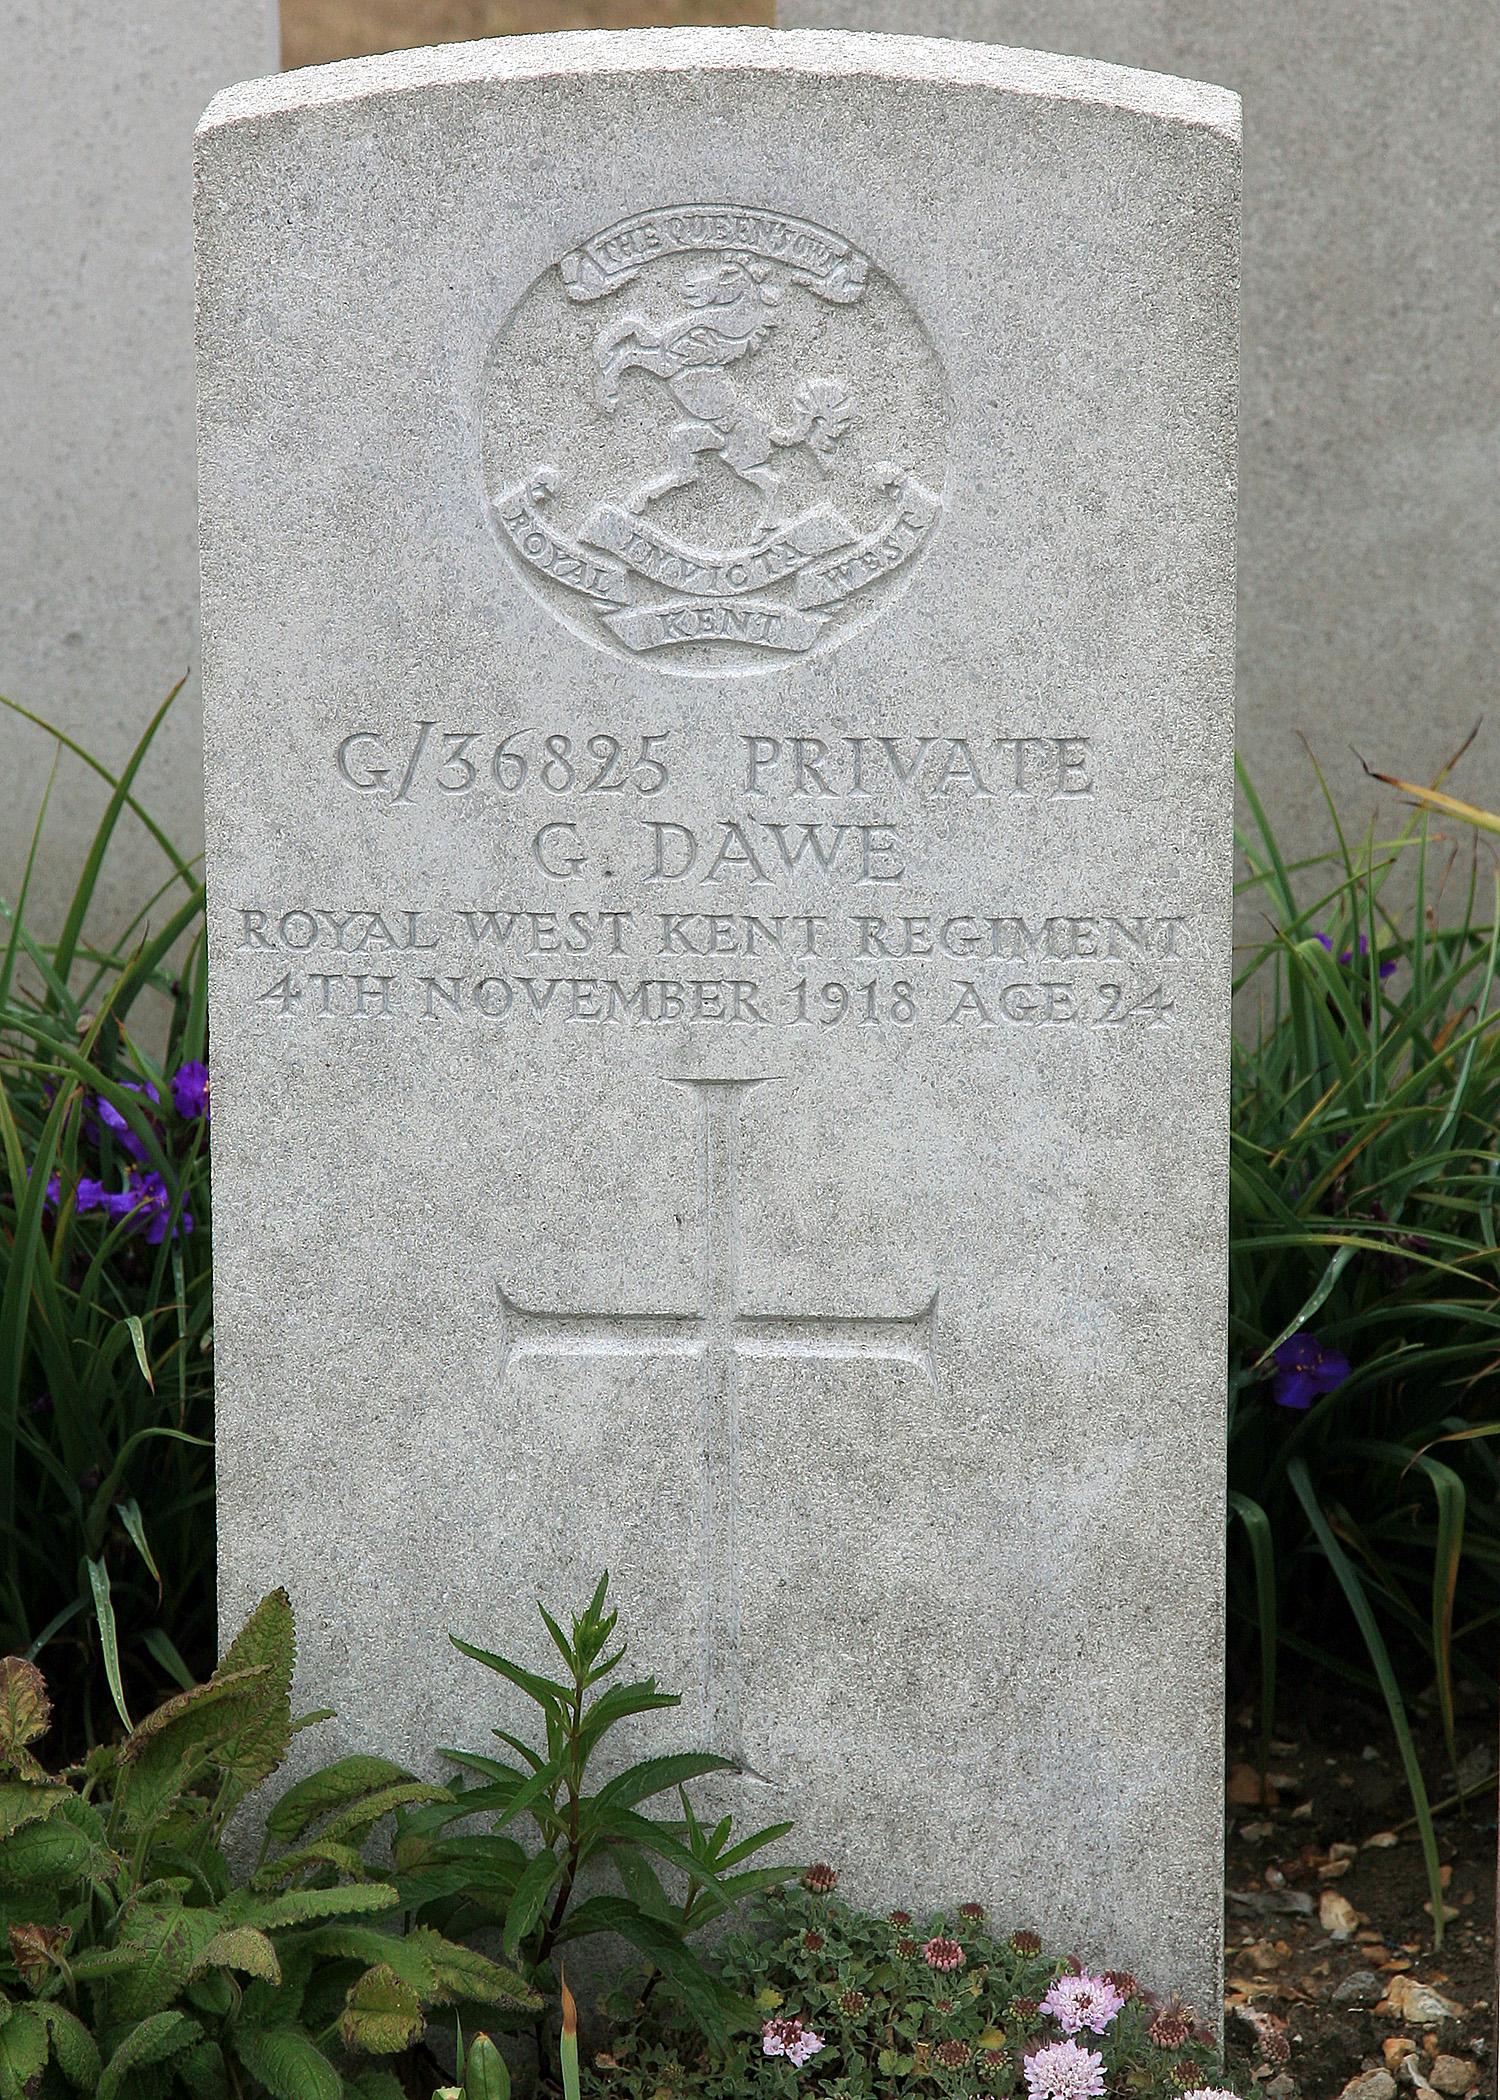 George Dawe ref